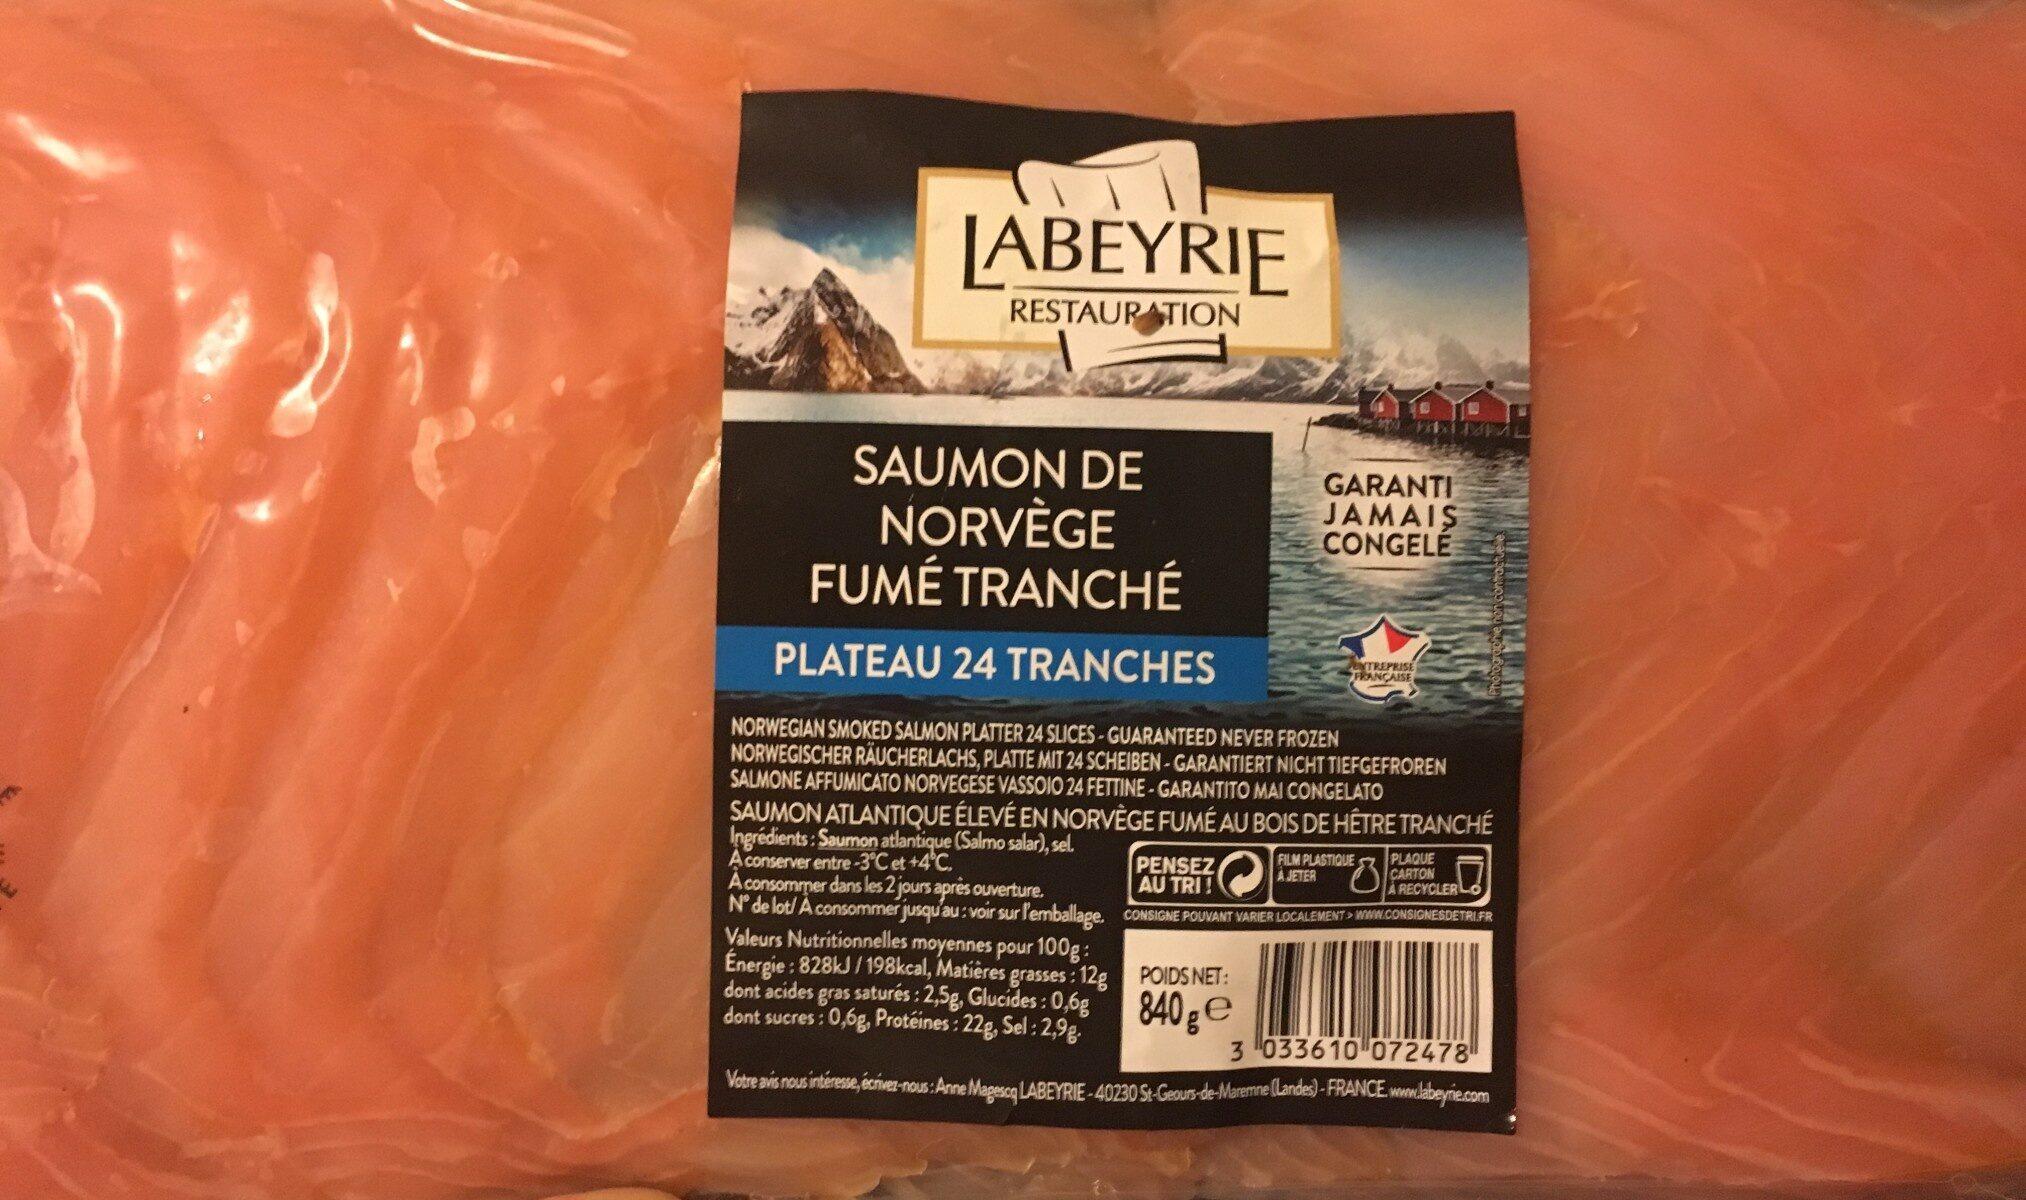 Saumon de Norvège Fumé - Product - fr